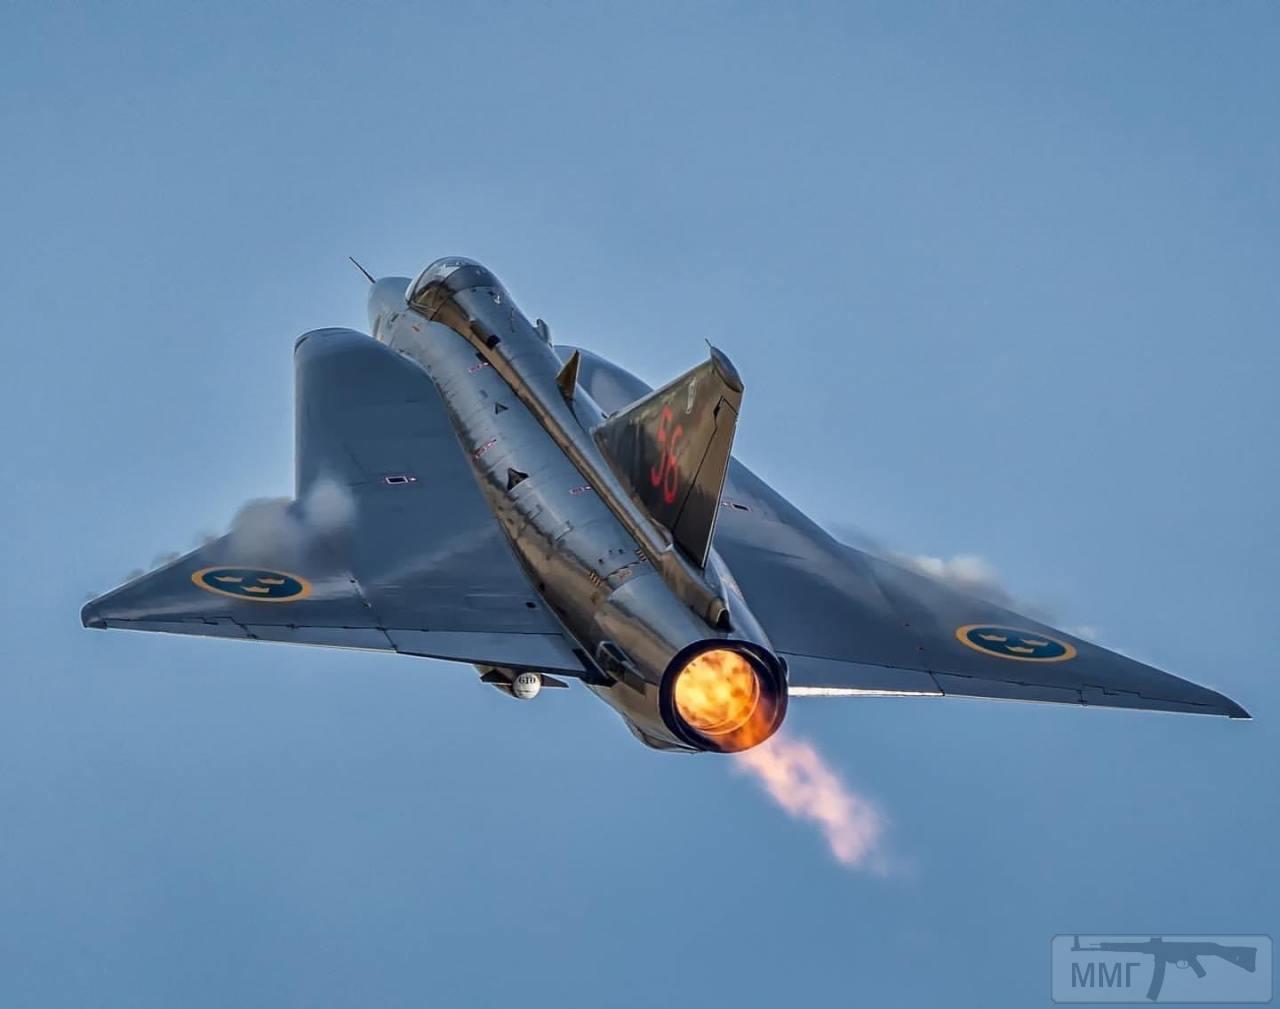 109627 - Красивые фото и видео боевых самолетов и вертолетов